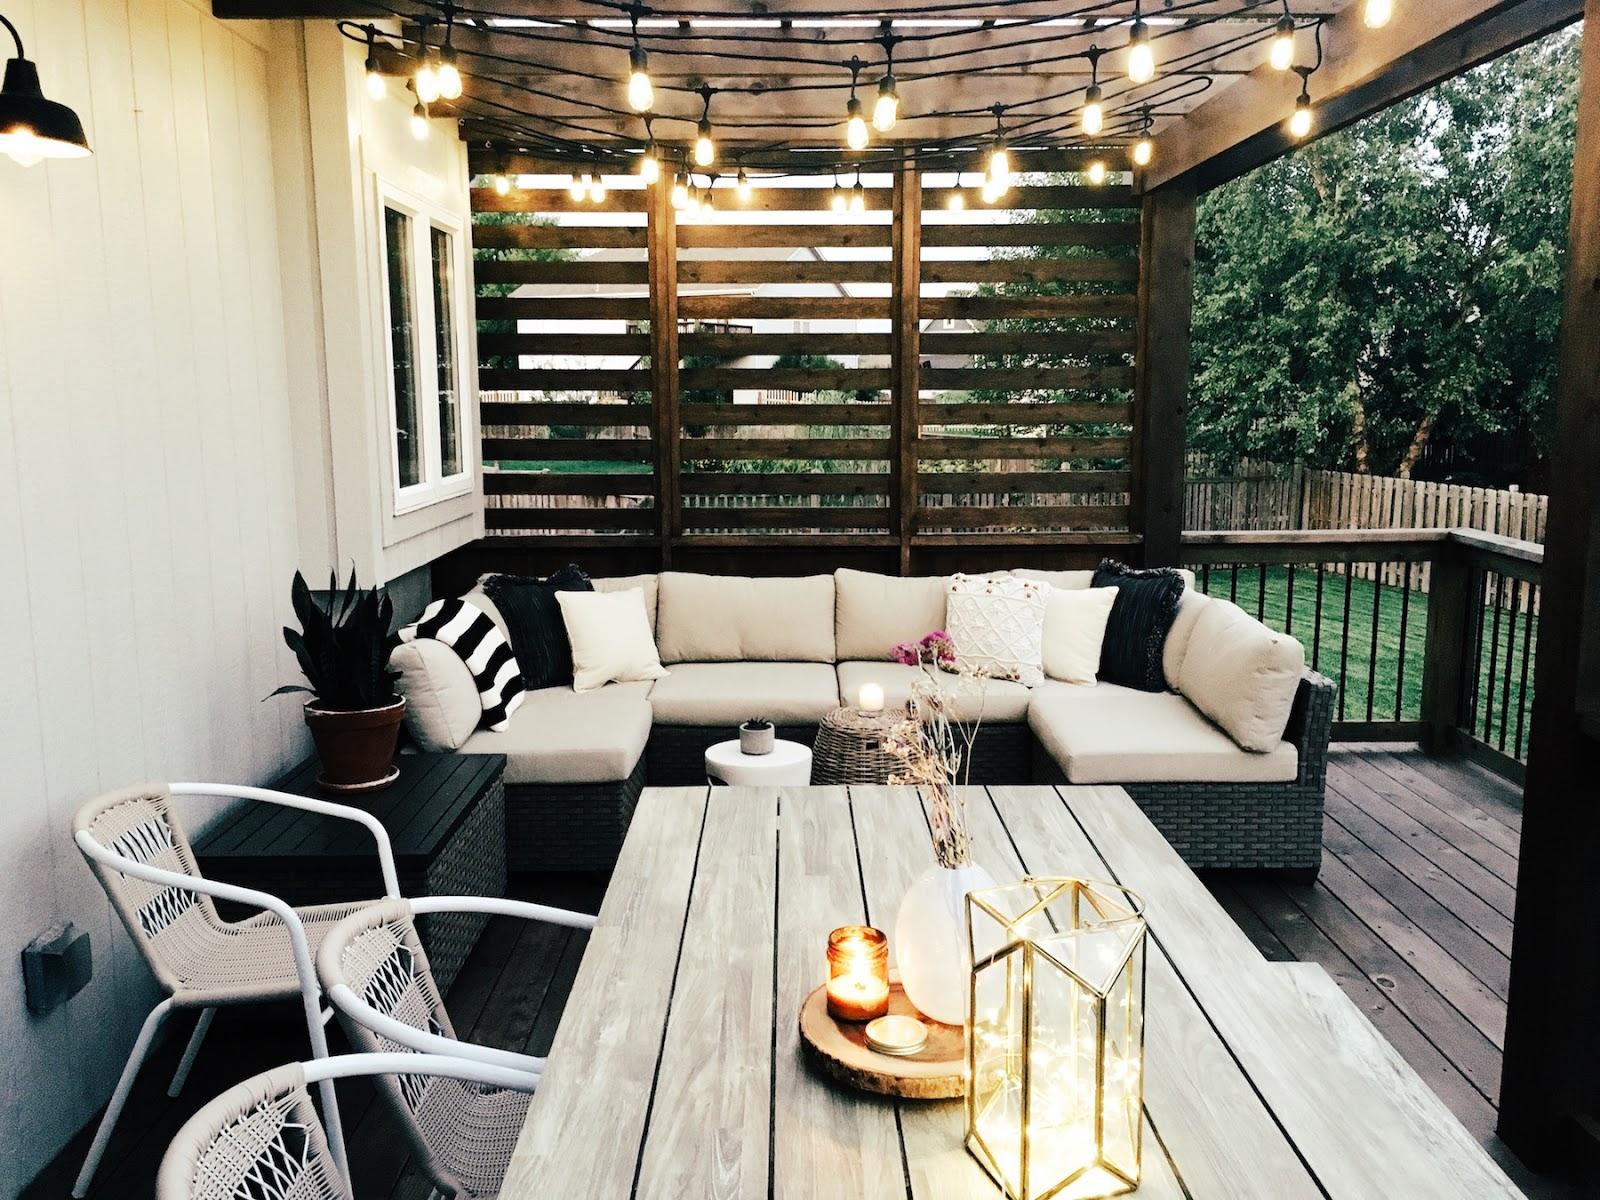 Our New Cedar Deck